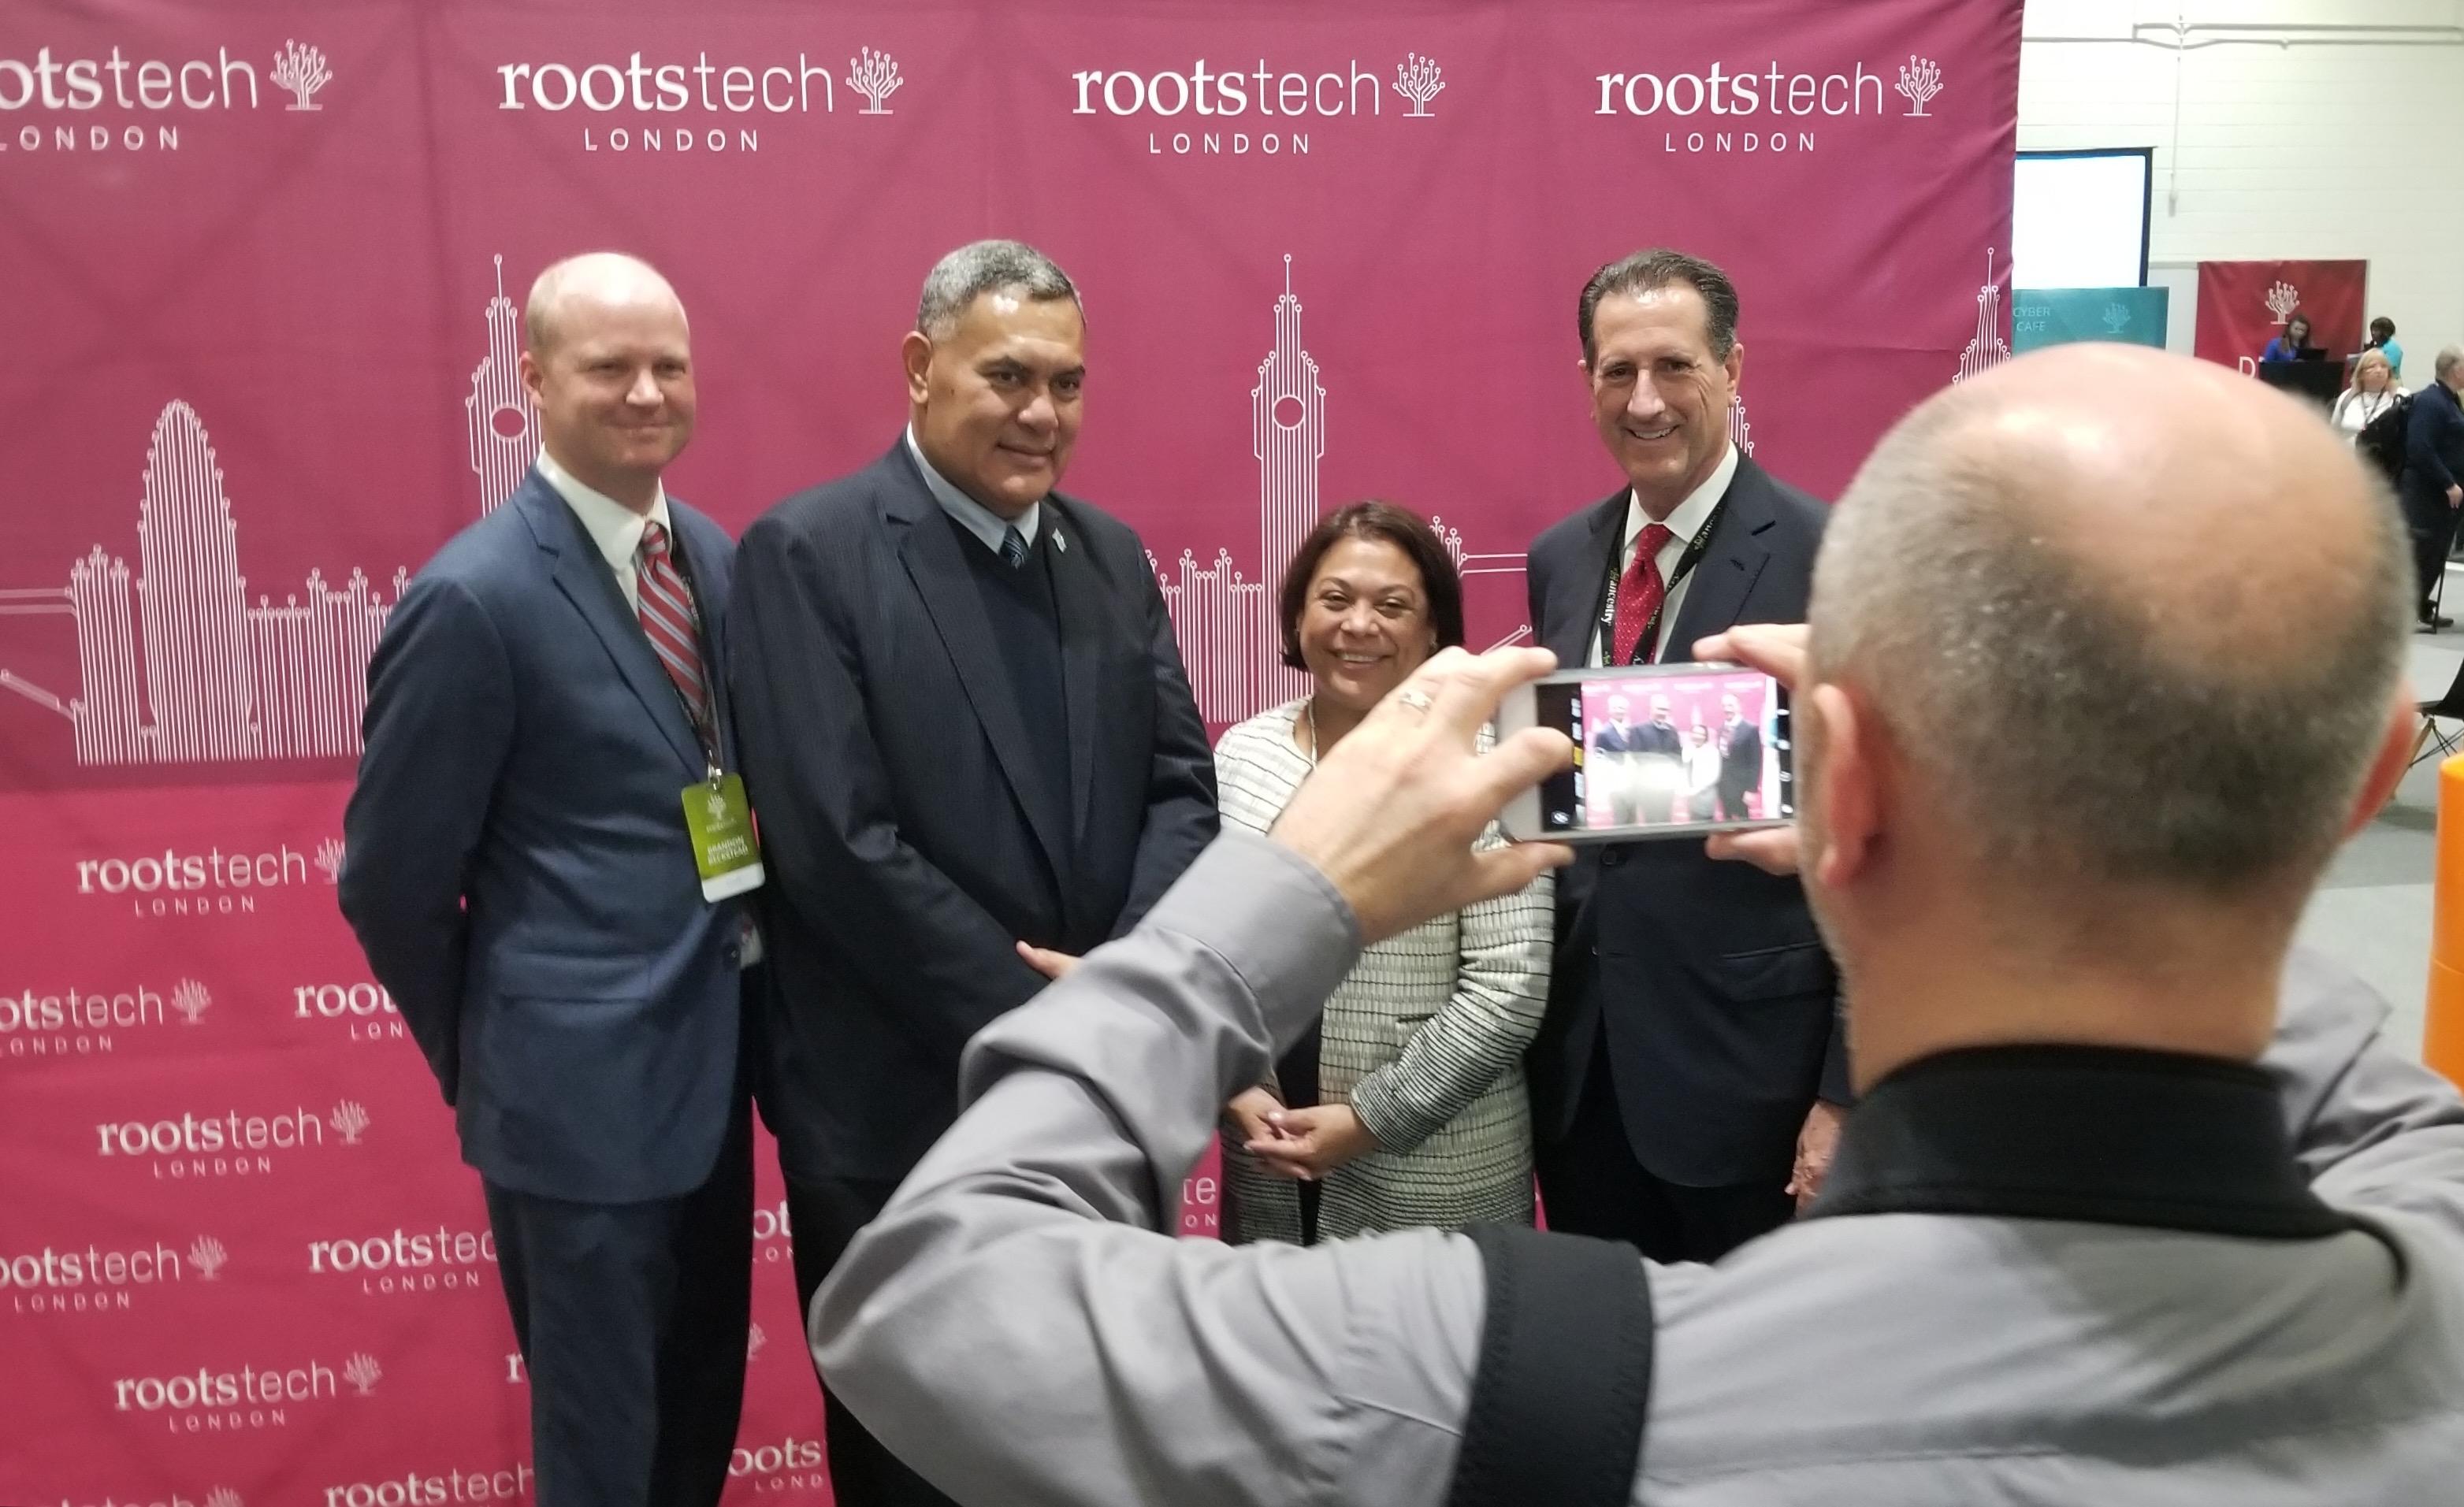 Se toma una fotografía de los invitados en la sección VIP de la sala de exposiciones de RootsTech Londres durante los recorridos para embajadores y conservadores de registros el jueves, 24 de oct. de 2019, en Londres, Gran Bretaña.